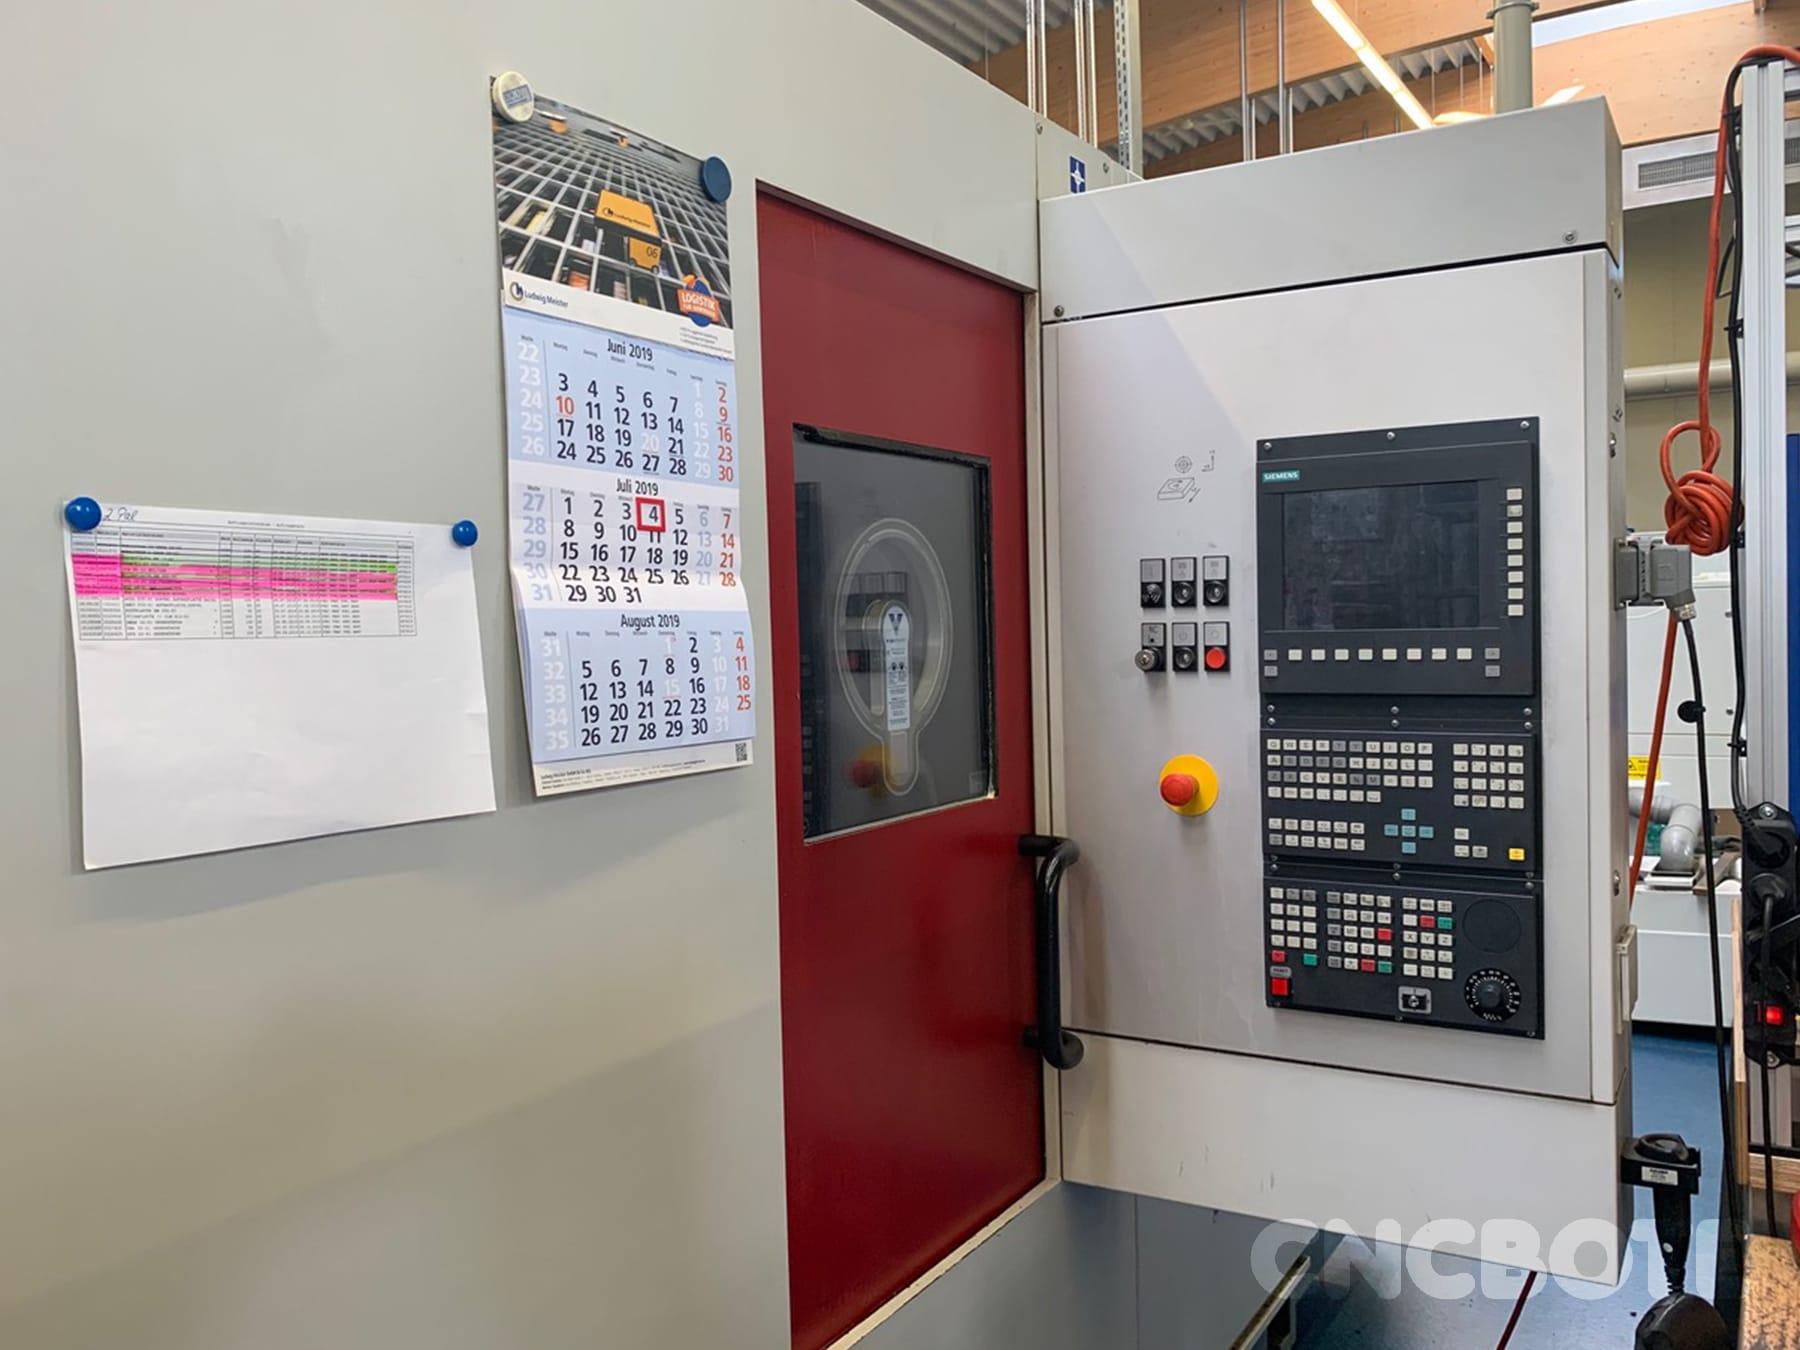 Starrag-Heckert CWK 400D Bearbeitungszentrum